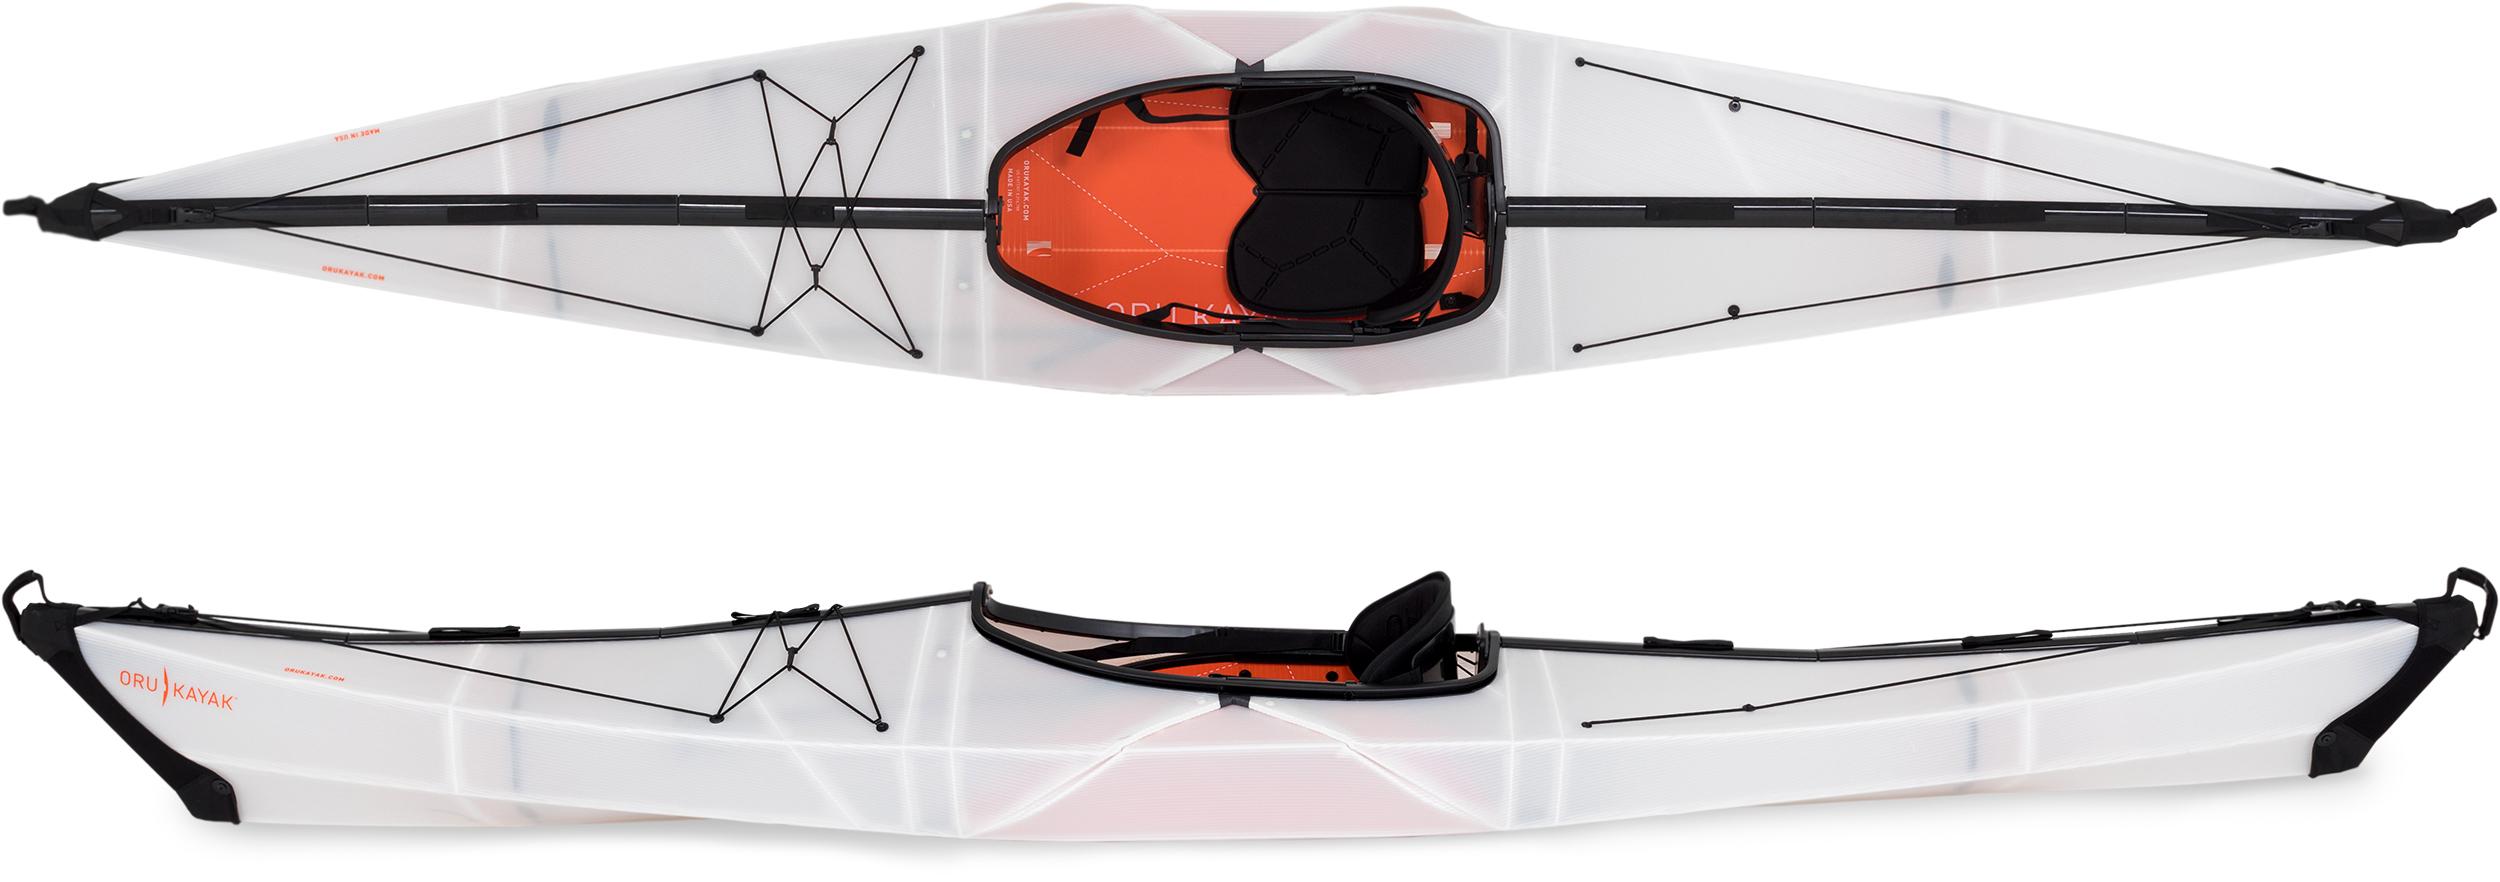 Oru Kayaks Bay ST Folding Kayak